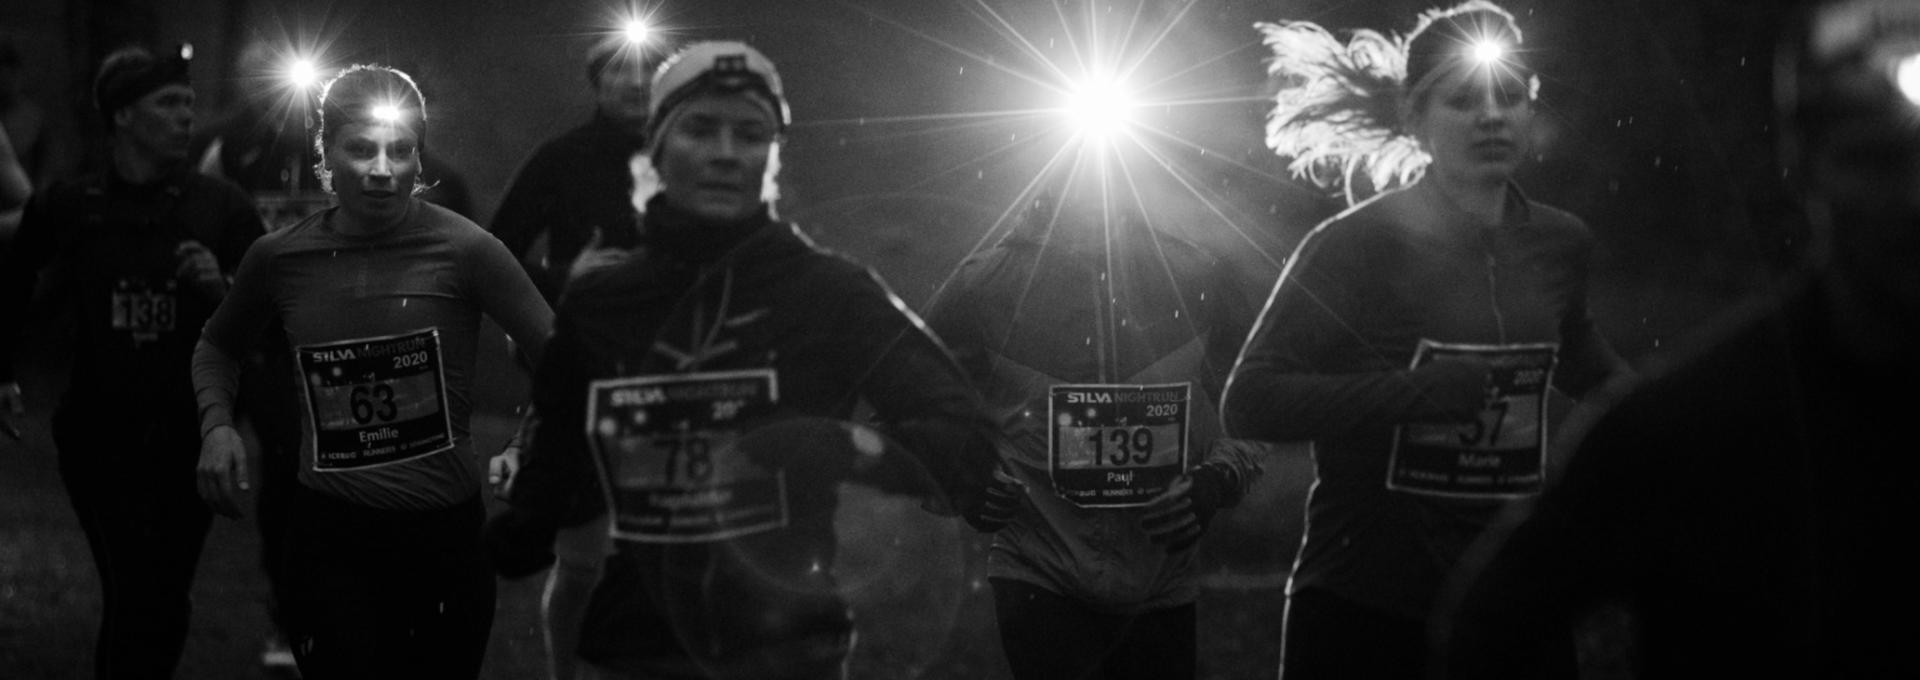 JoinEvent - Nightrun Virtuelt løp